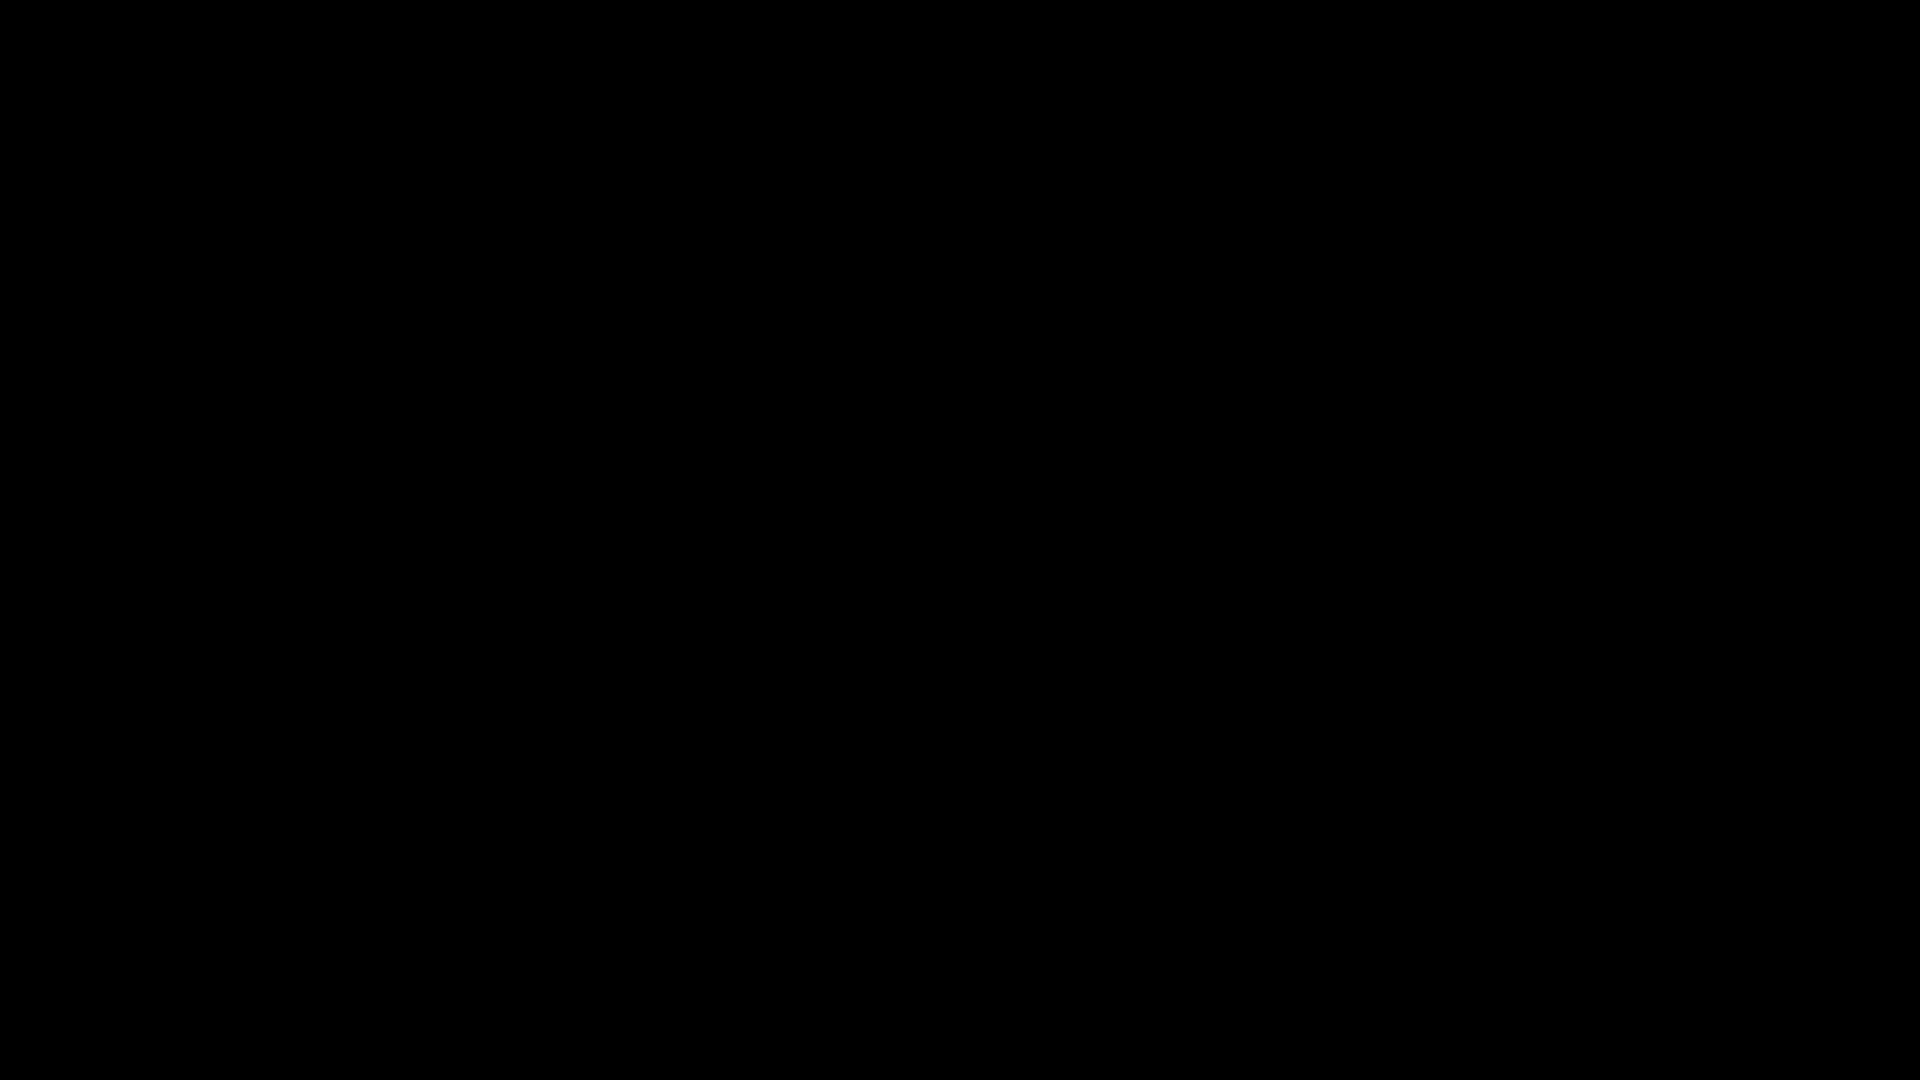 ELISE CARON & DENIS CHOUILLET AUX ENCHANTEUSES